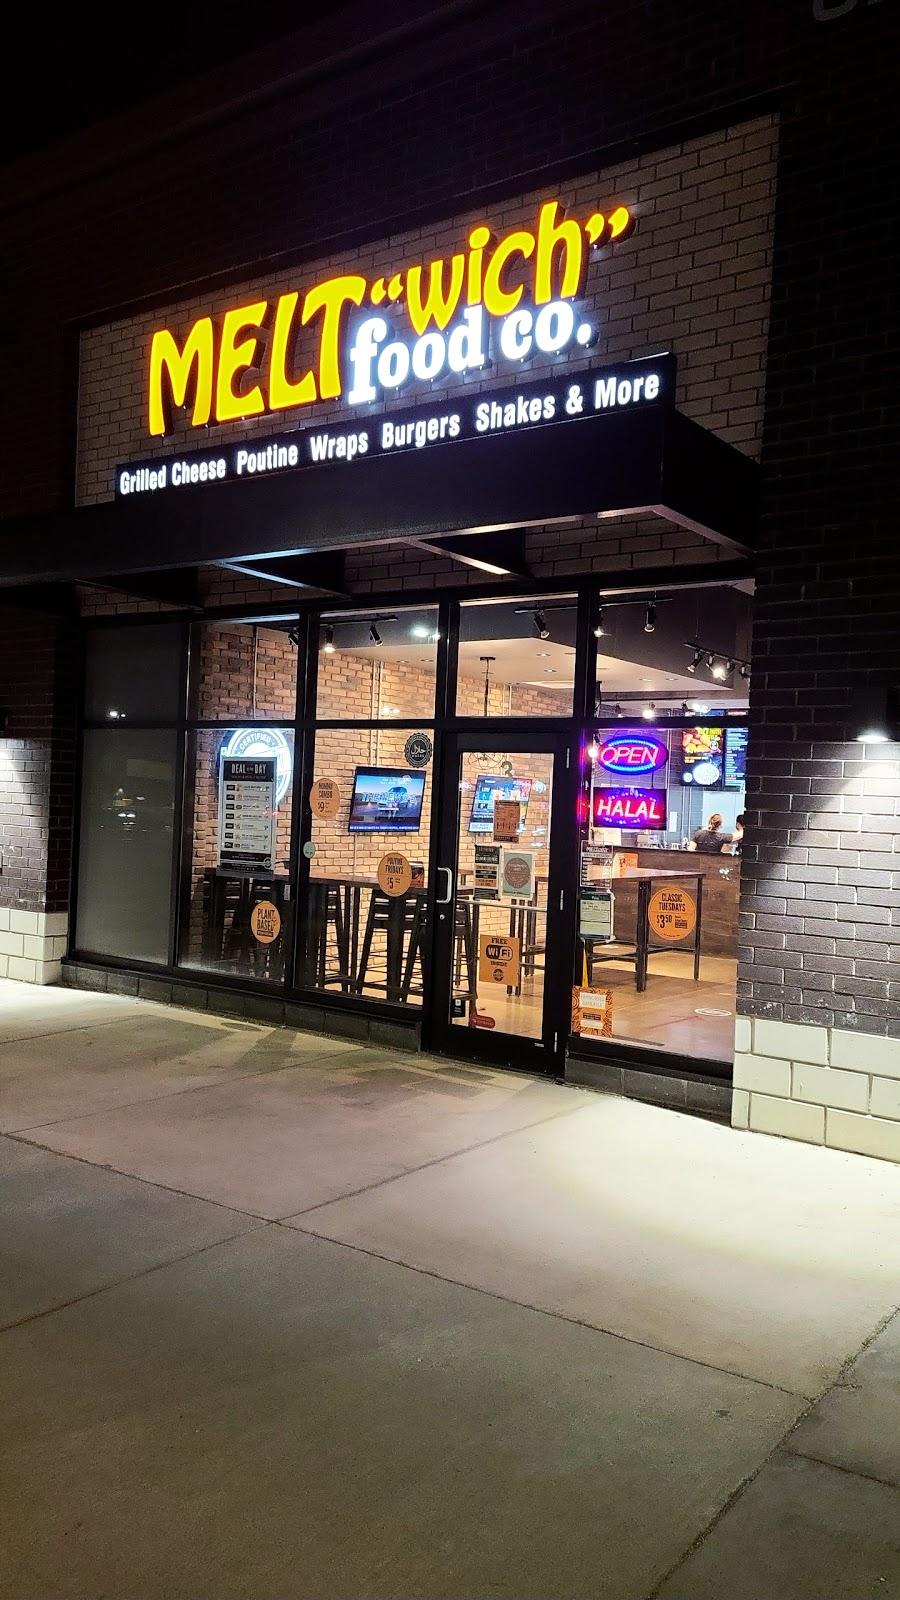 Meltwich   restaurant   8285 Financial Drive, Unit 3 North, Brampton, ON L6Y 1M1, Canada   9054533033 OR +1 905-453-3033